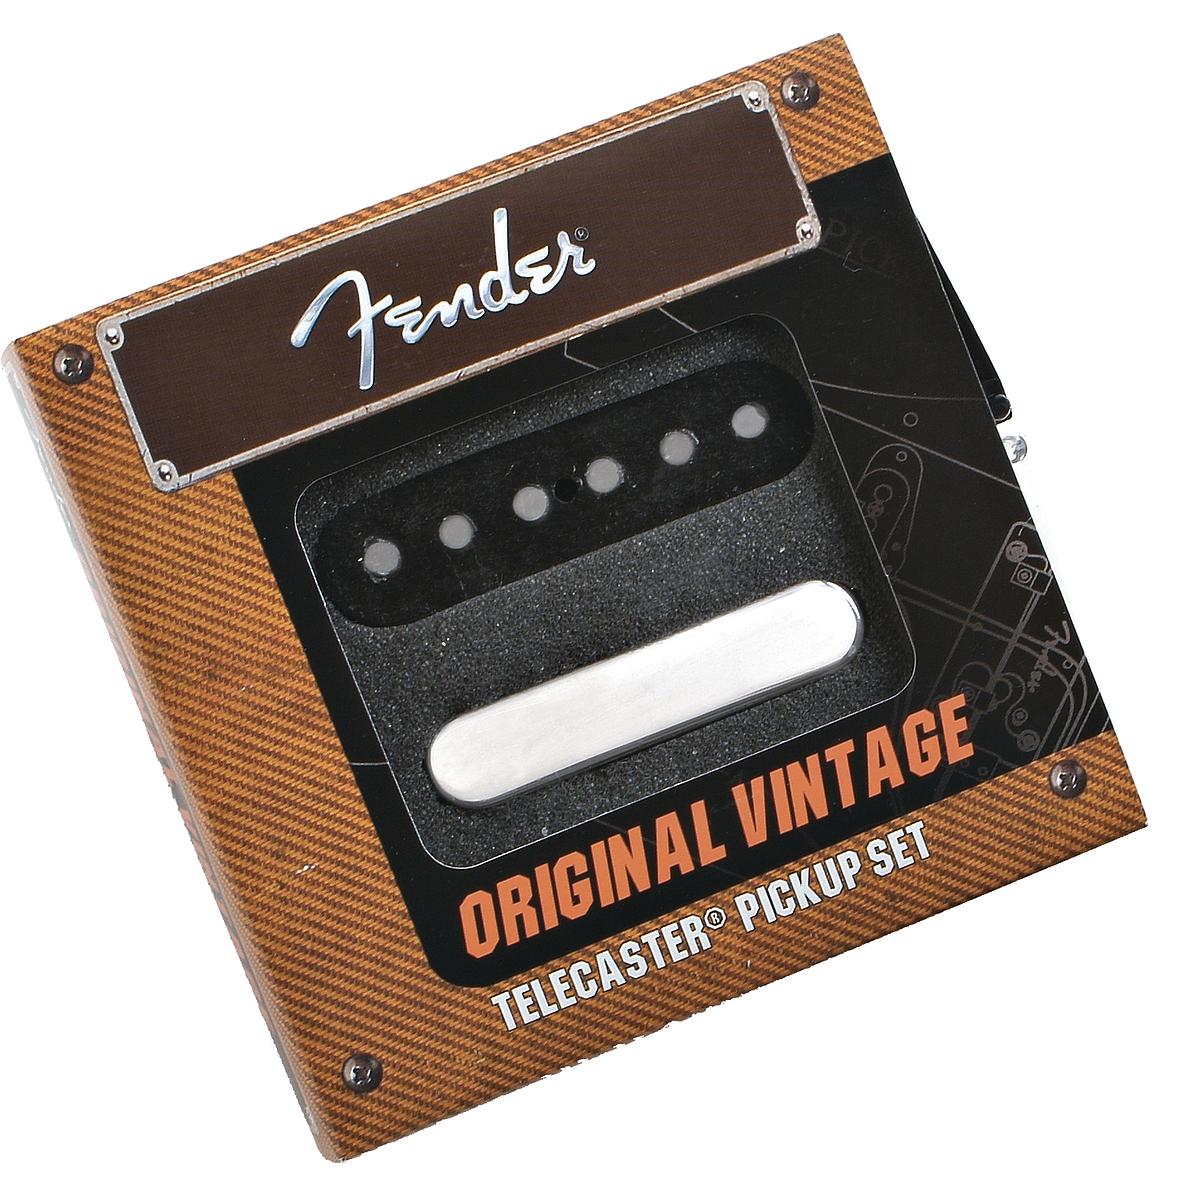 fender original vintage telecaster tele guitar pickups set 2 neck bridge ebay. Black Bedroom Furniture Sets. Home Design Ideas